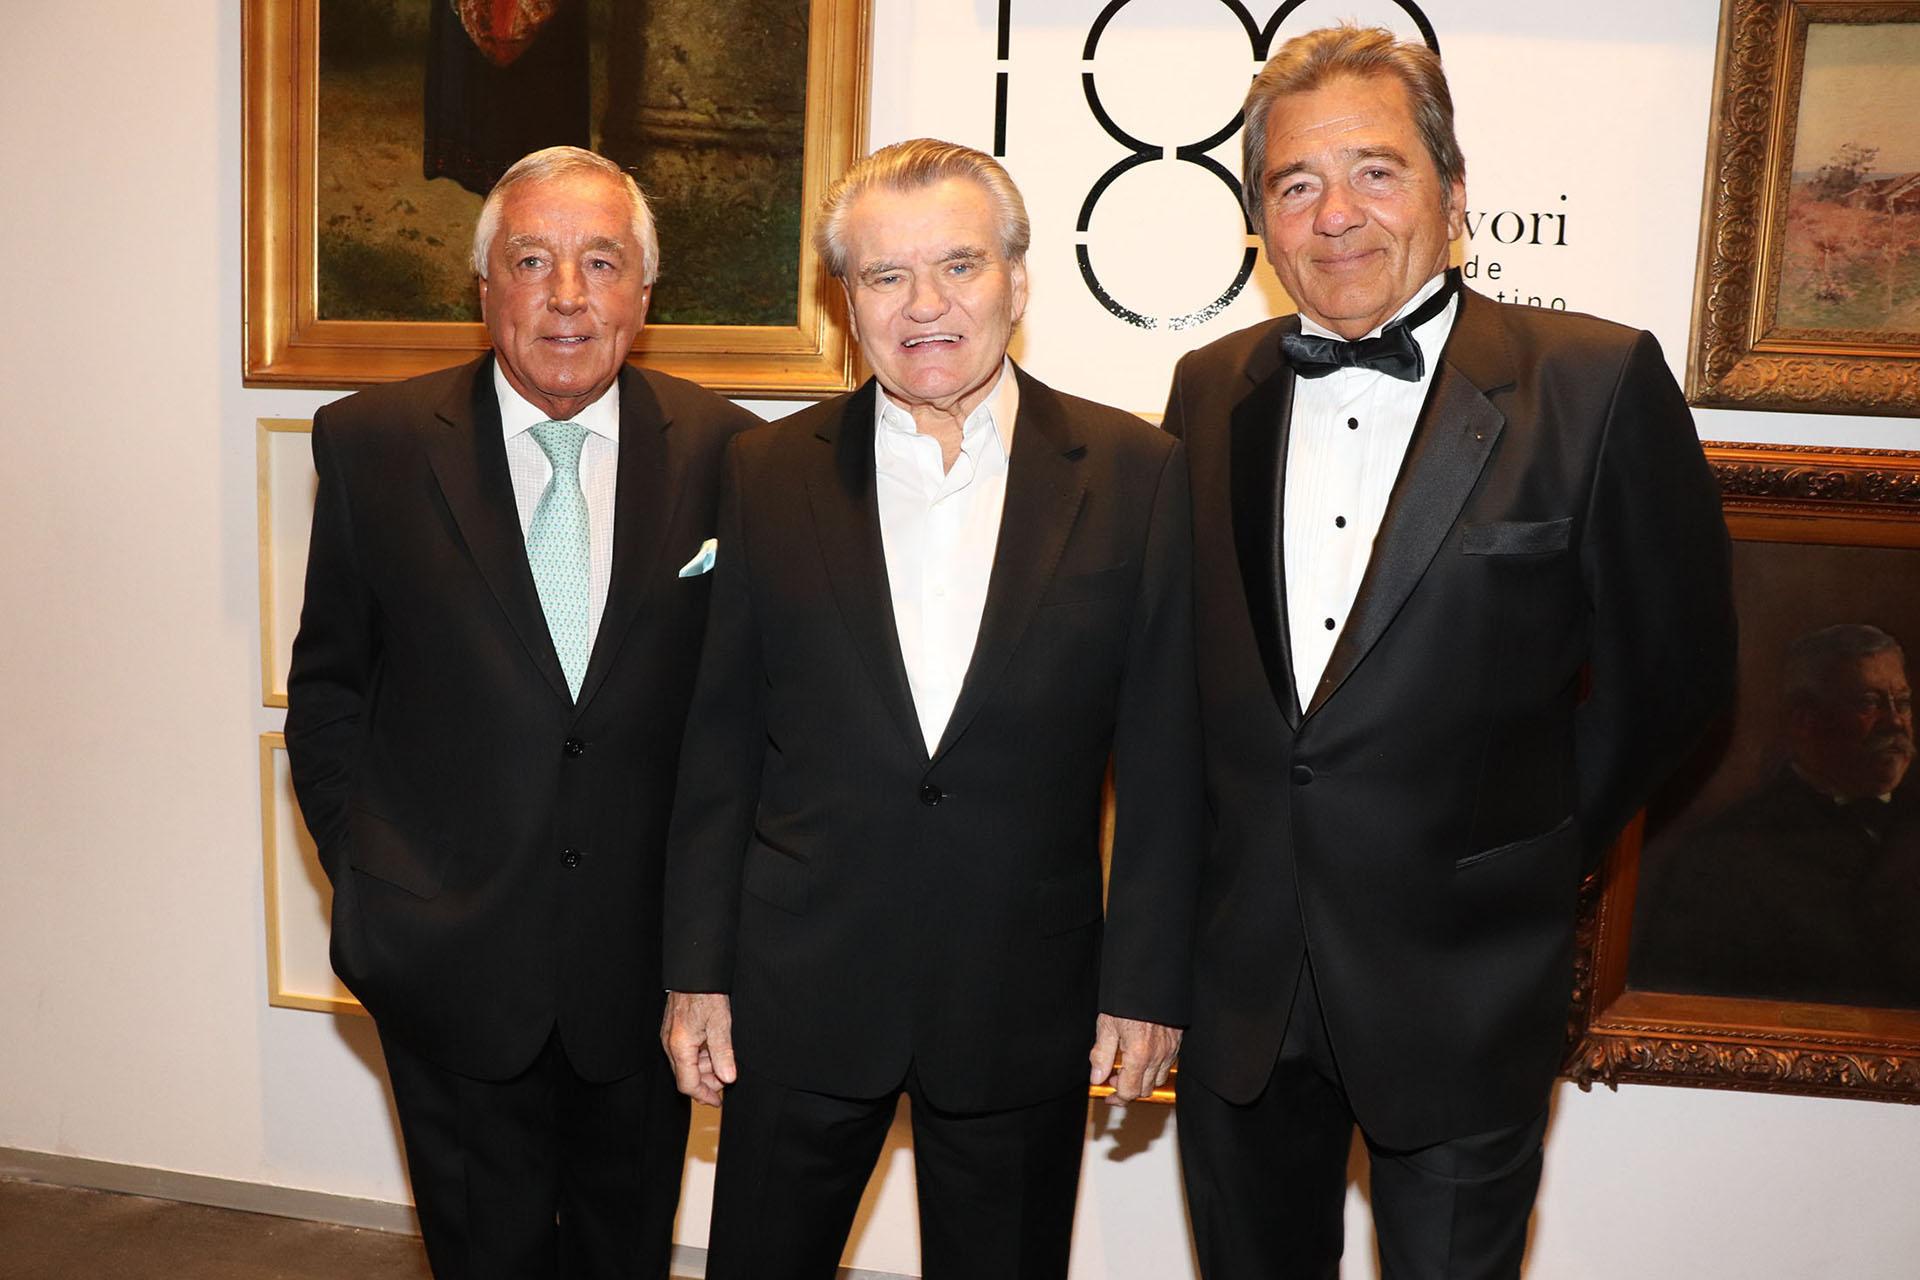 Julio de Marco, Gregorio Zidar y Lido González Noguera